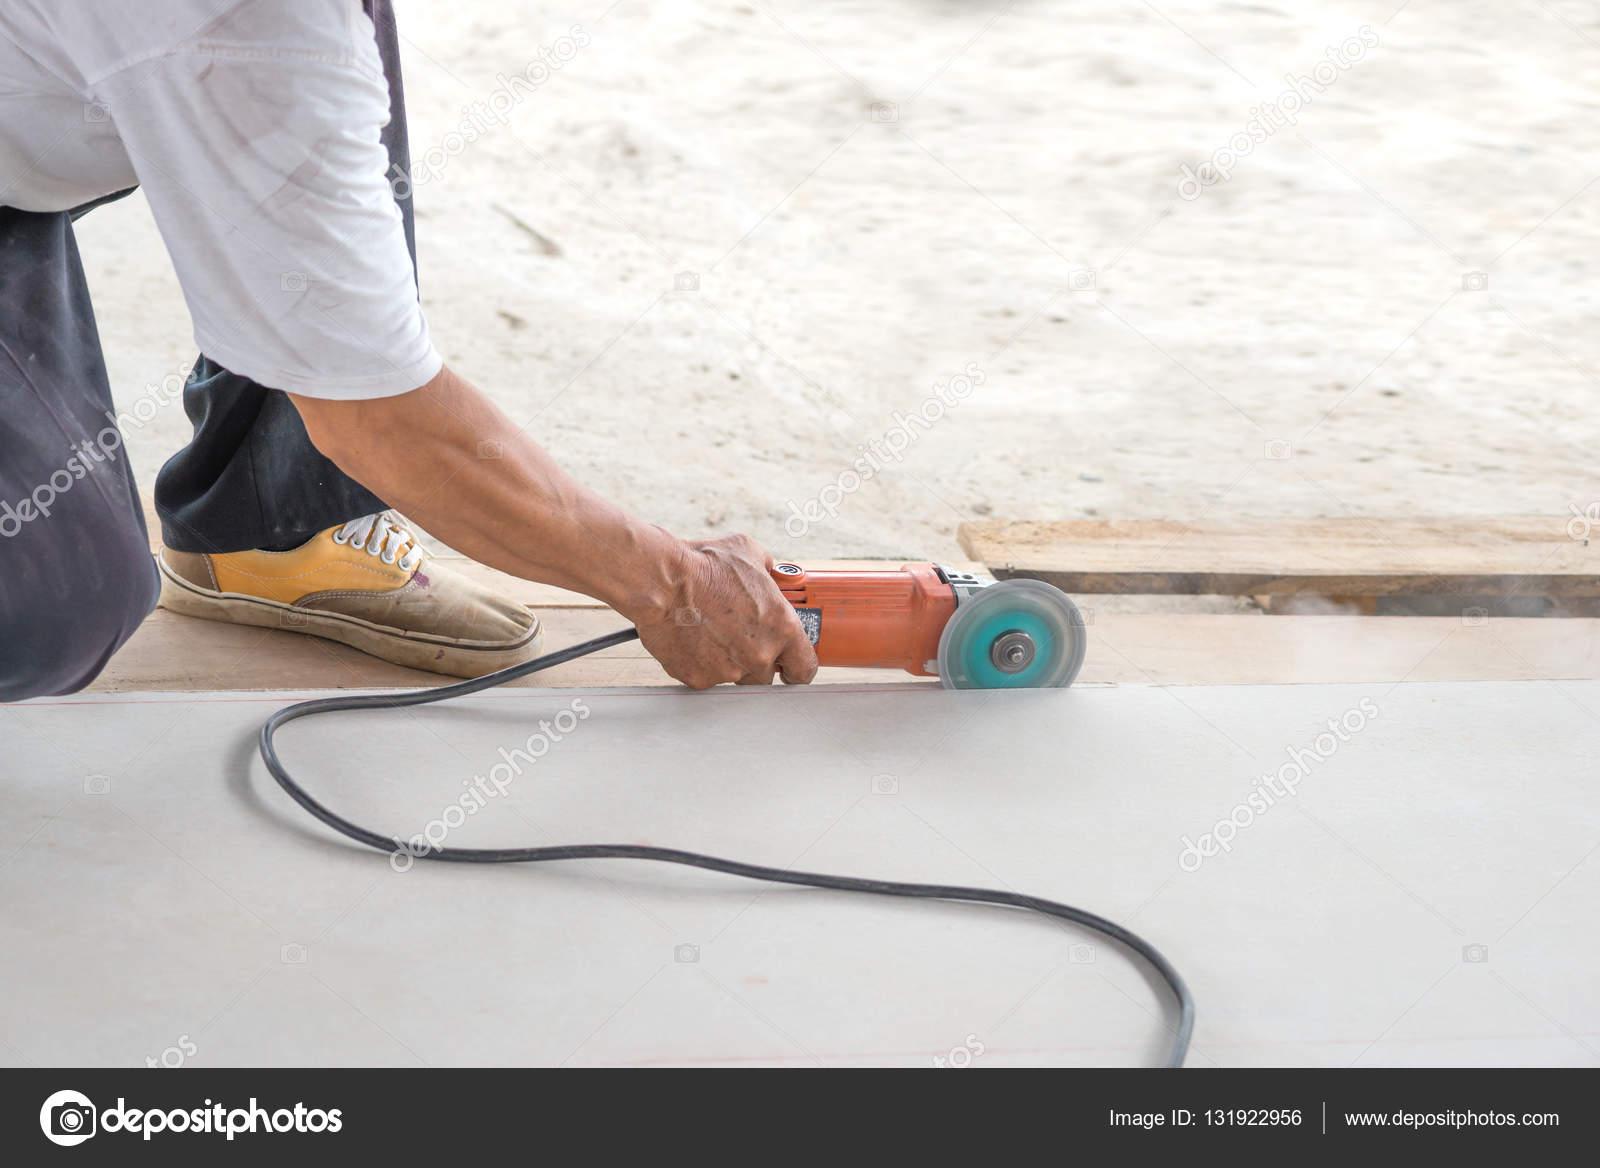 arbeiter schneiden fliesen mit elektrischen säge — stockfoto